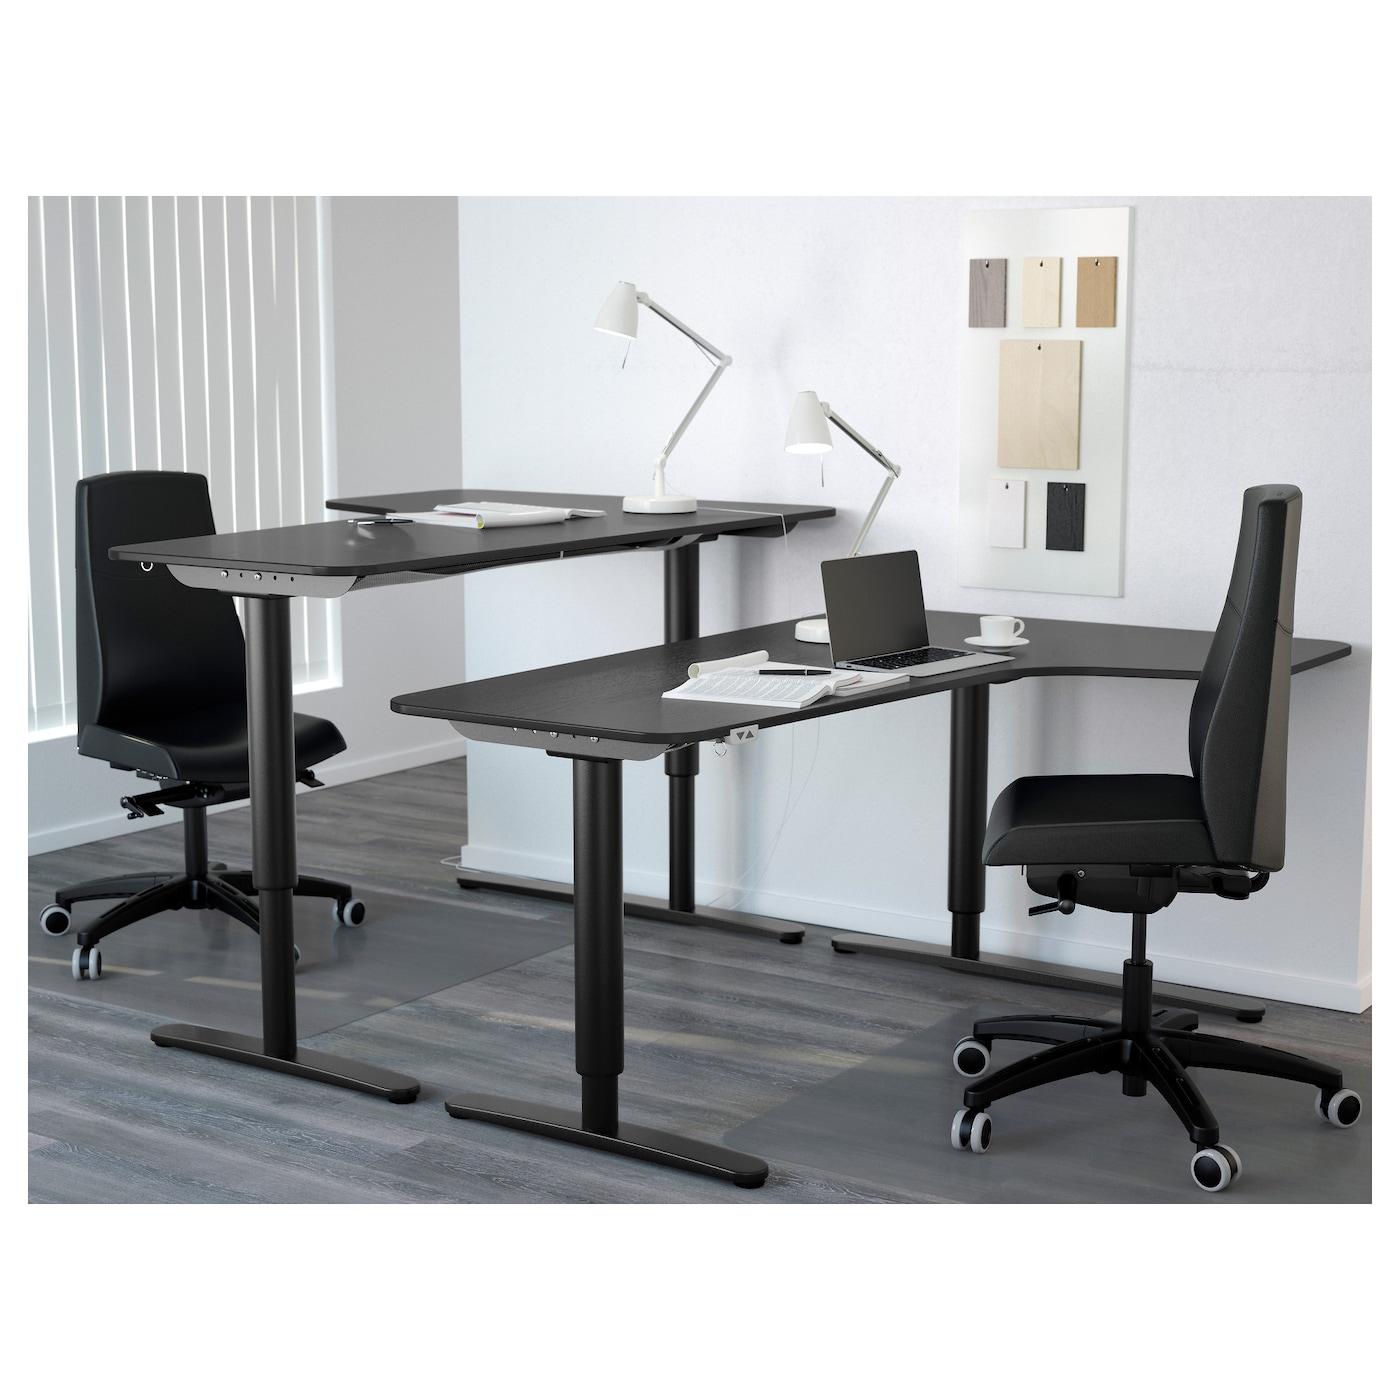 Bekant Corner Desk Right Sit Stand Black Brown Black